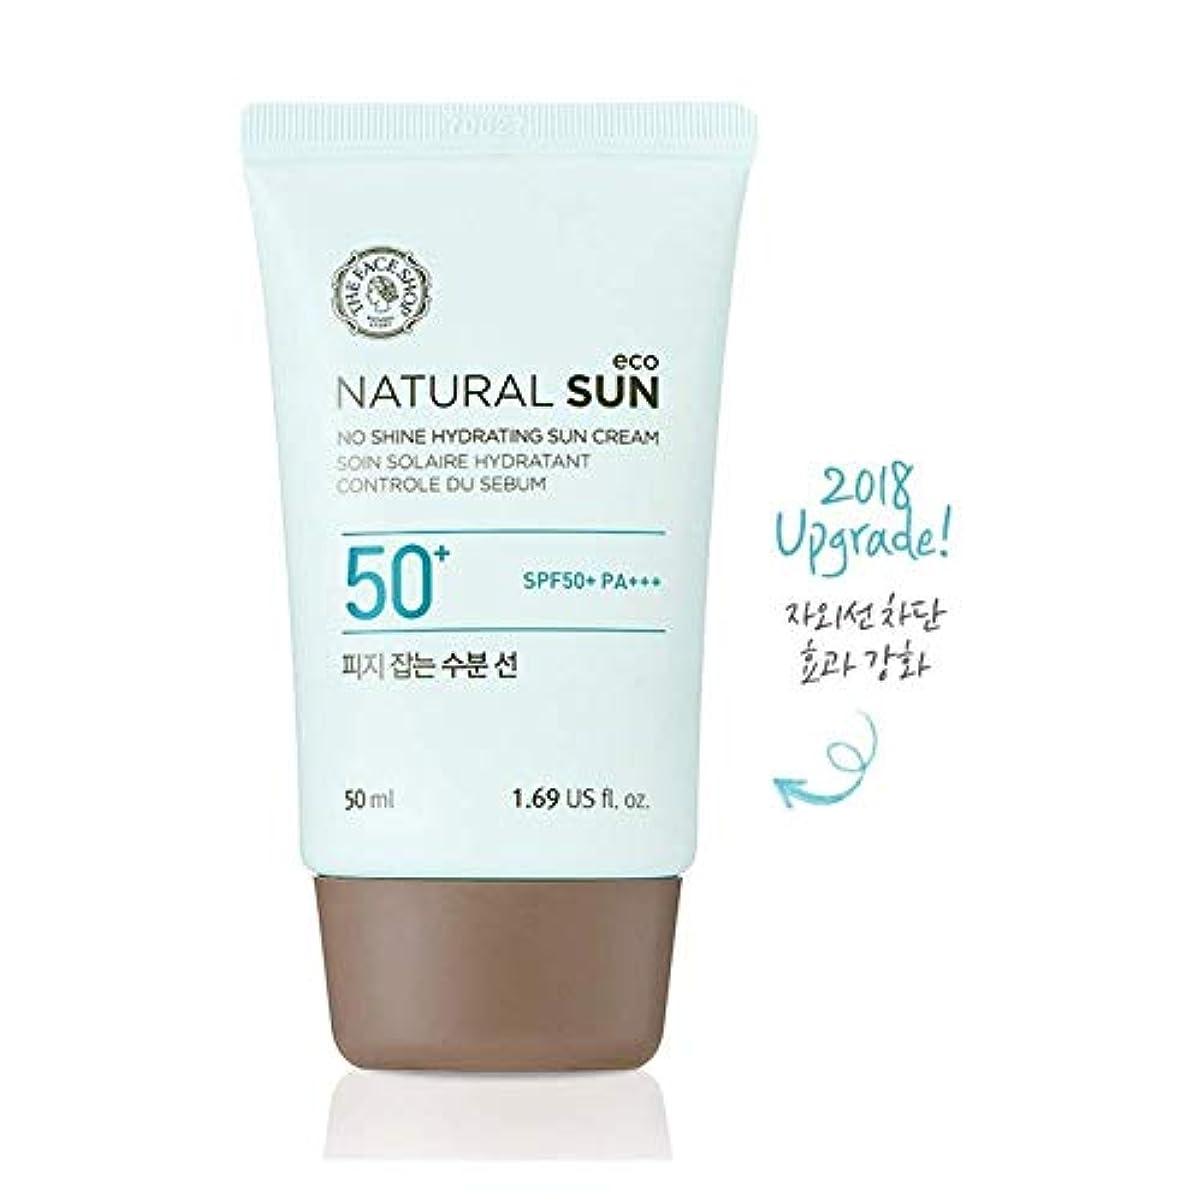 出身地観客いらいらさせるザ?フェイスショップ ネチュロルソンエコフィジーサン?クリーム SPF50+PA+++50ml 韓国コスメ、The Face Shop Natural Sun Eco No Shine Hydrating Sun Cream...